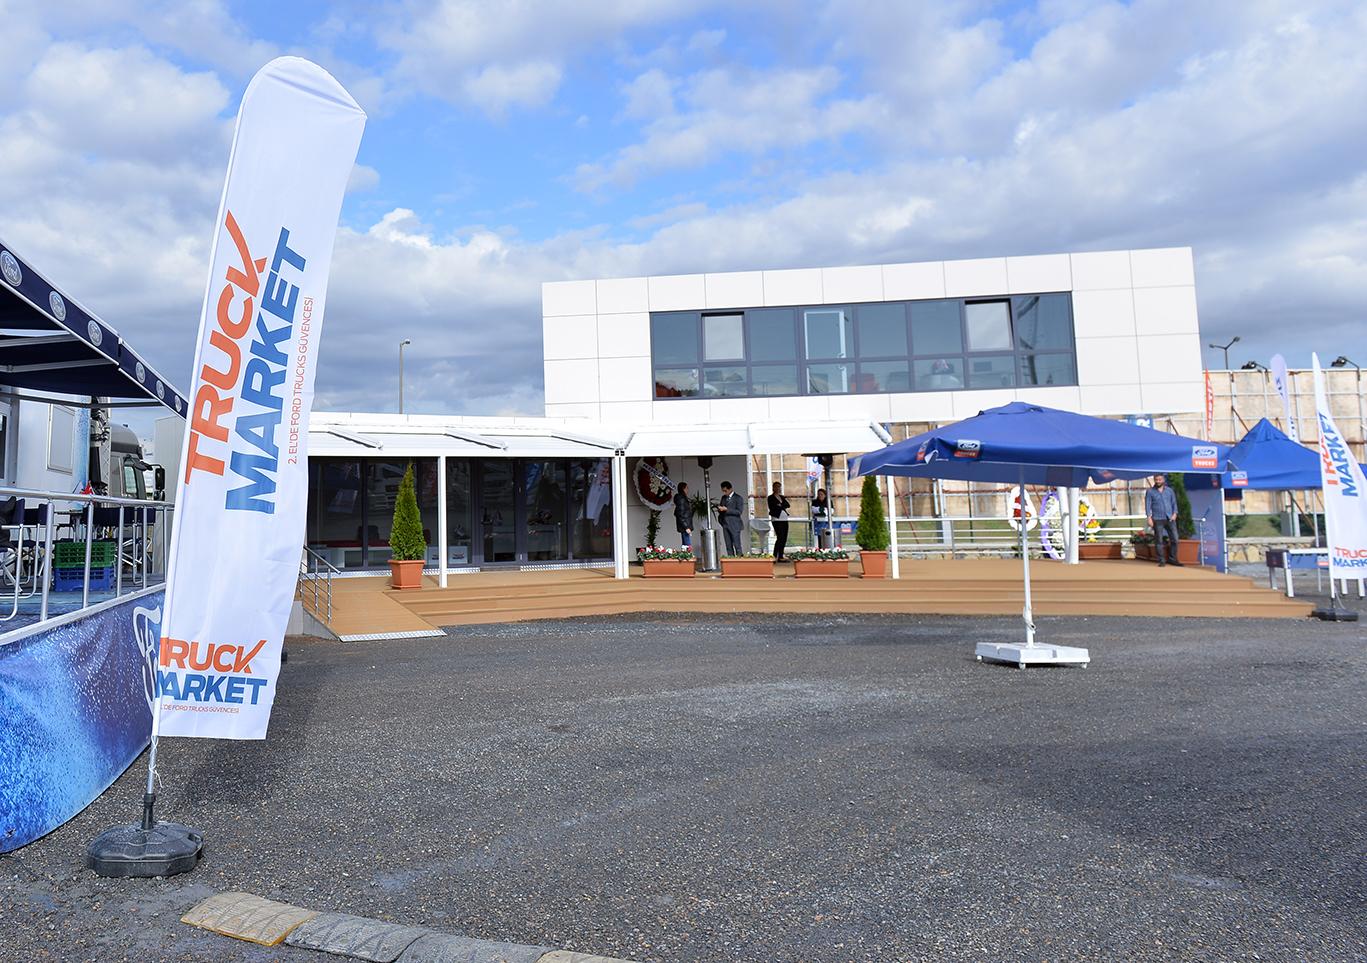 Ford Trucks'ın 2. El Markası TruckMarket Sancaktepe'de Merkezi Satış Noktası Açtı